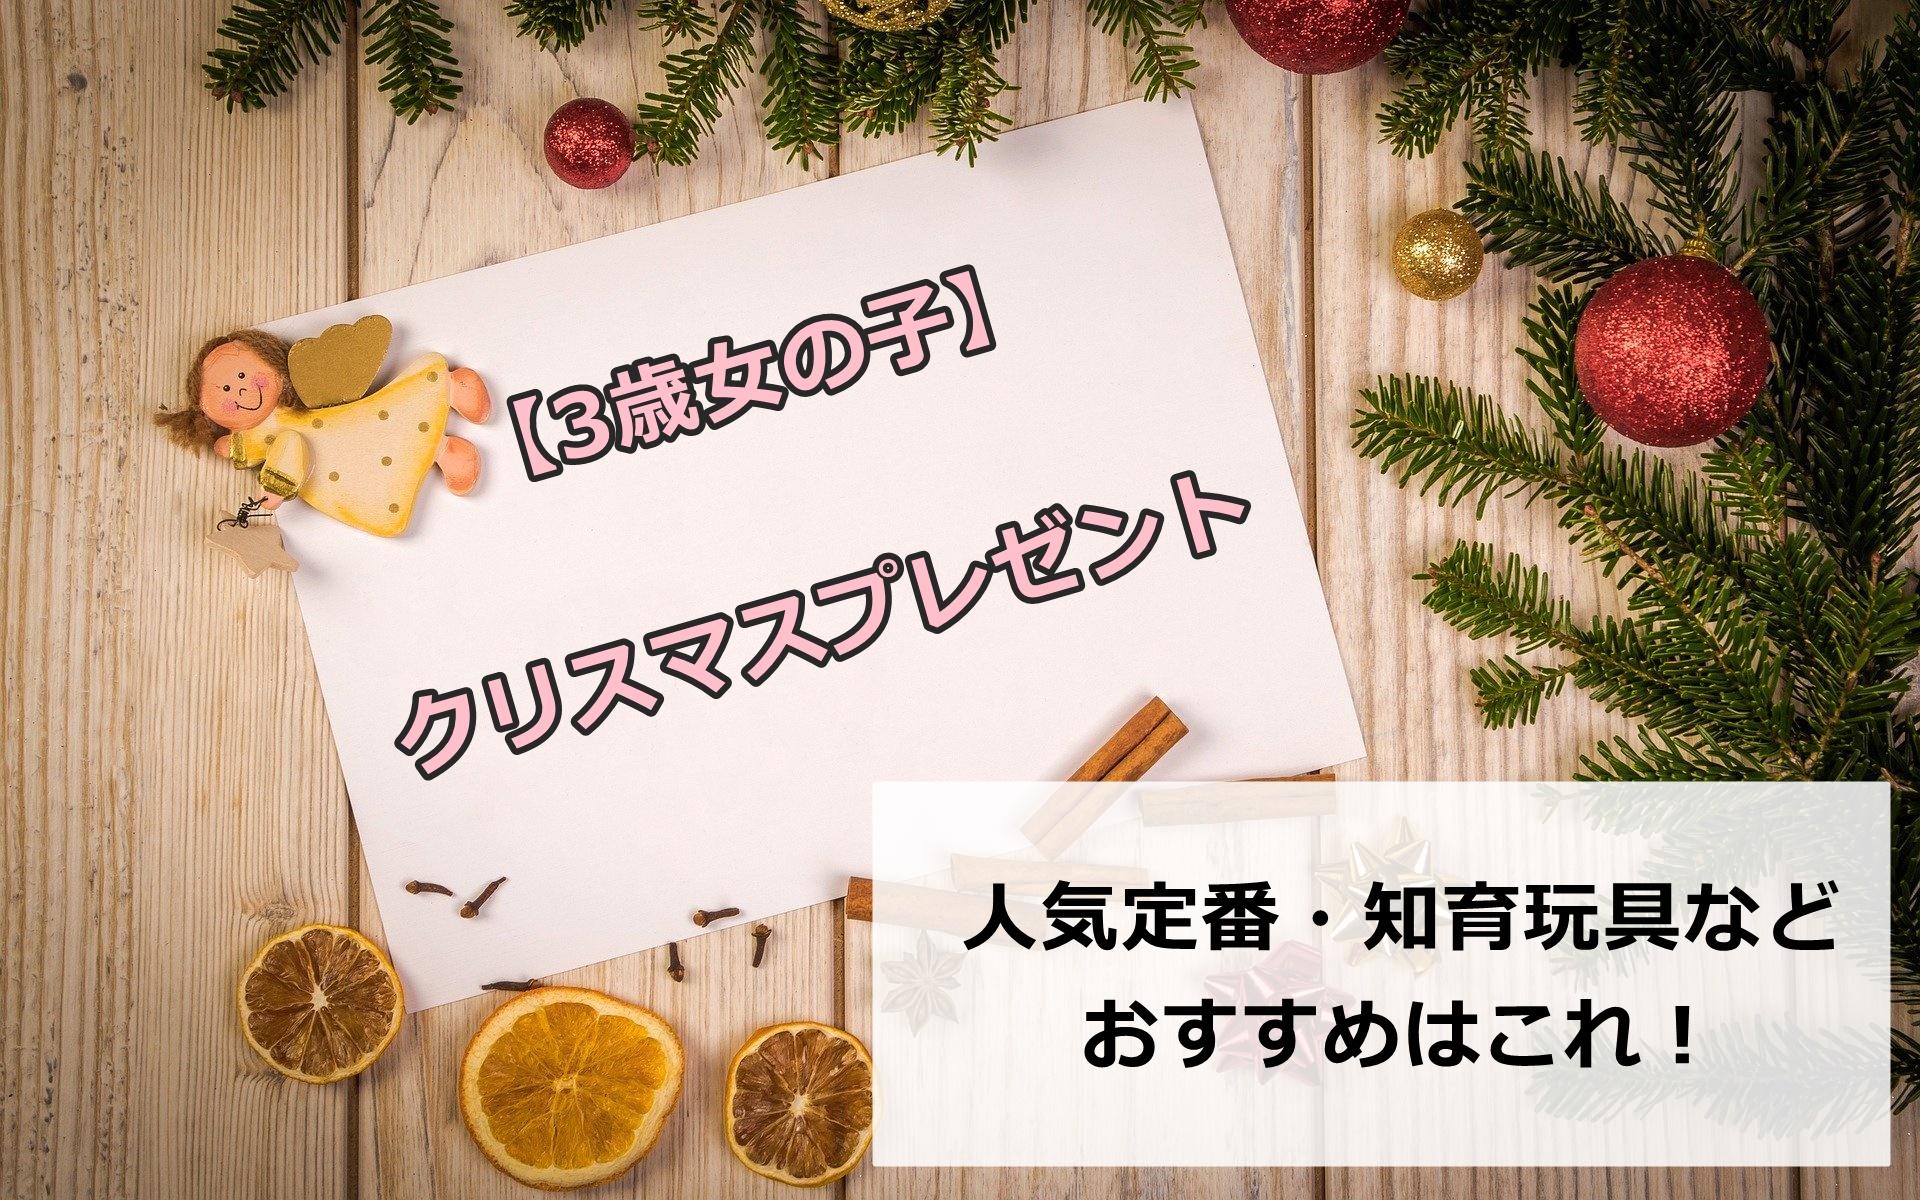 3歳クリスマスプレゼント|女の子が欲しい物はこれ!【2019年】